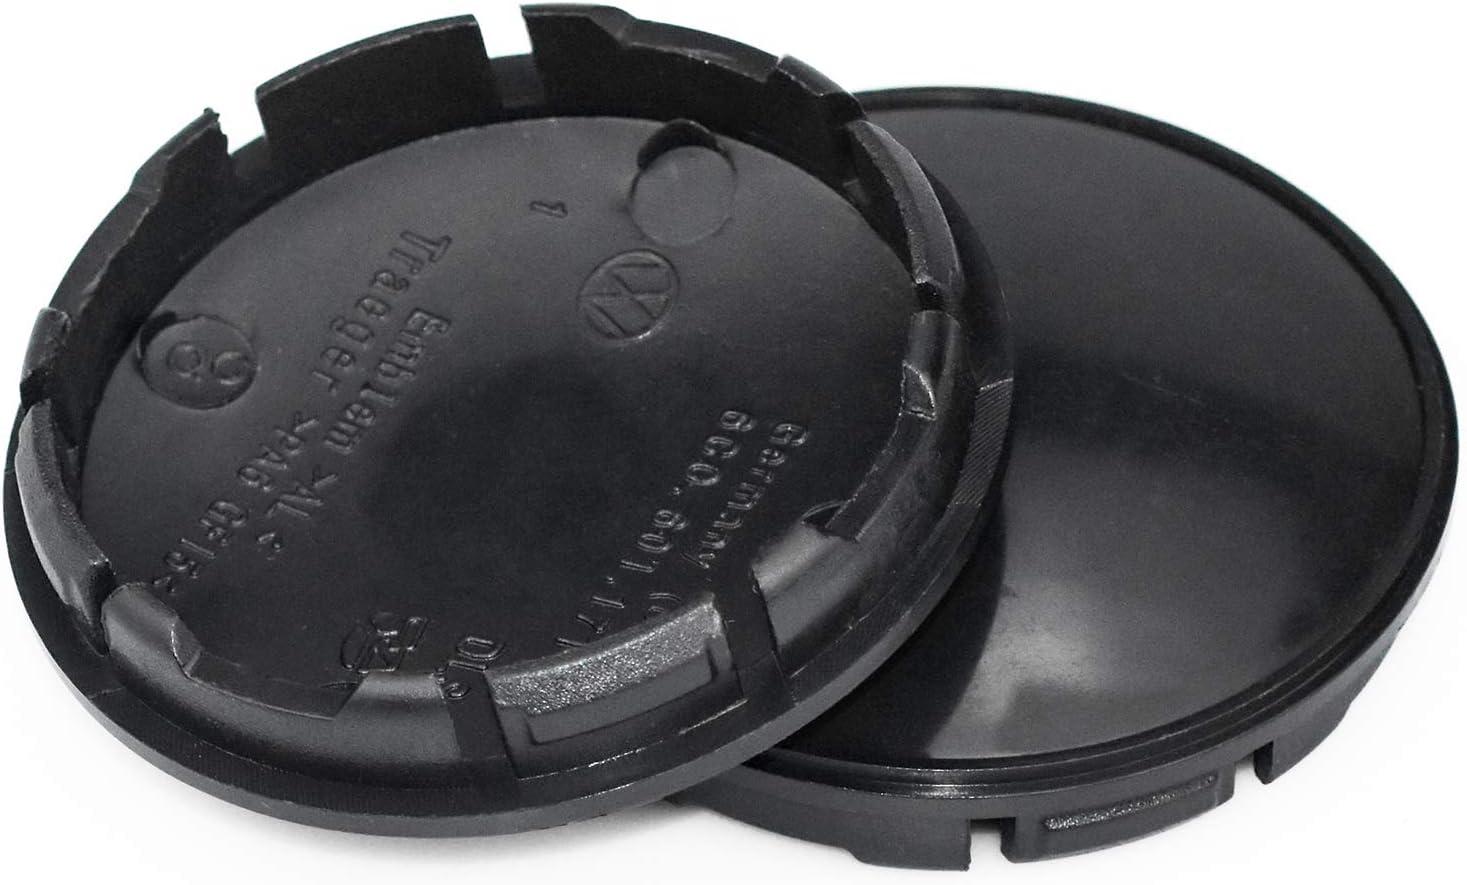 Noir COCOCITY 4 Pcs Cache-moyeux en Plastique ABS 56 mm Finest Folia Capuchons de Centre Enjoliveurs de Roue Universel pour Voiture